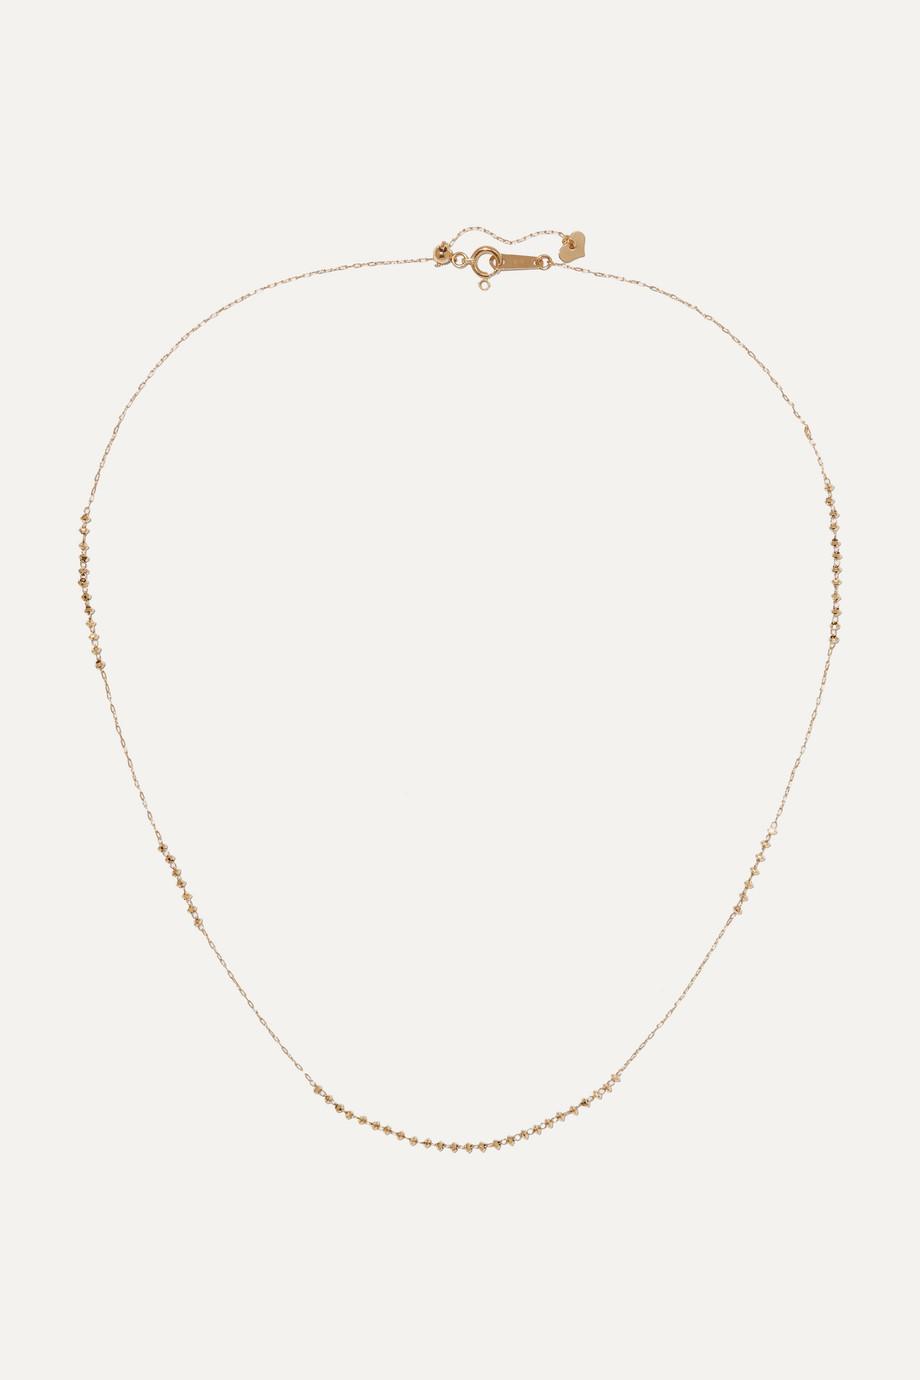 Poppy Finch 18K 黄金串珠项链